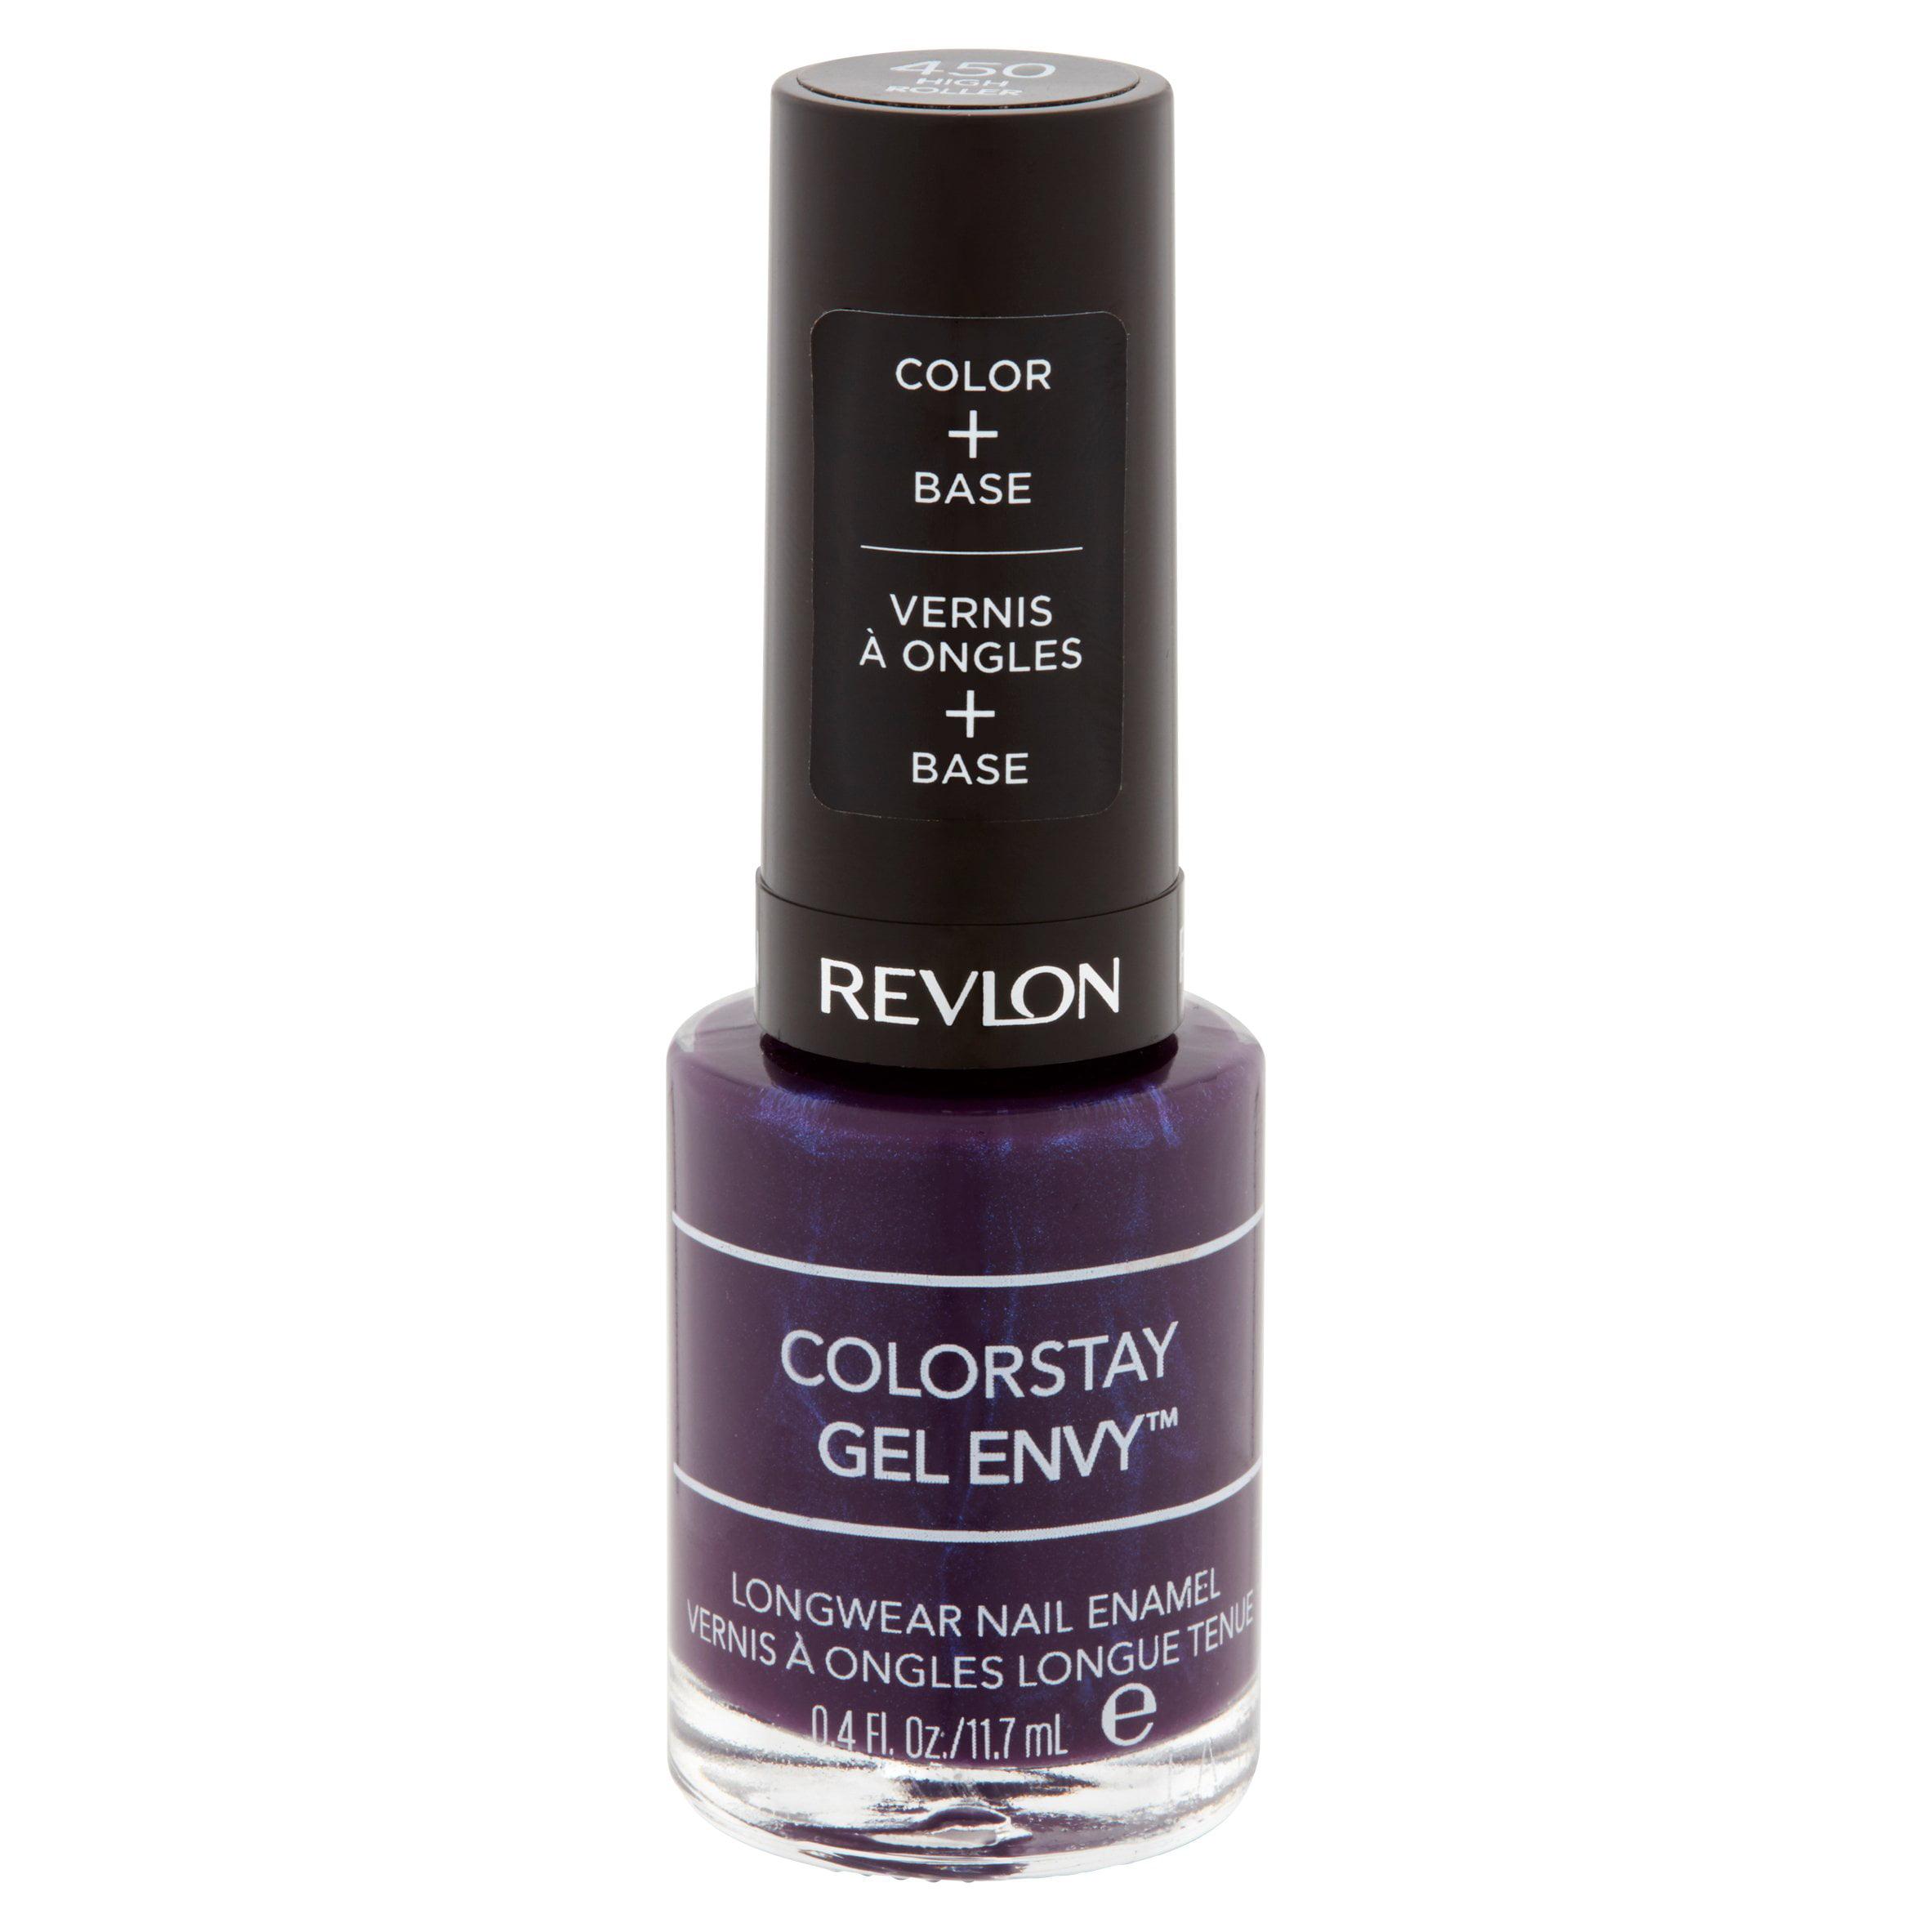 Revlon Colorstay Gel Envy Longwear Nail Enamel